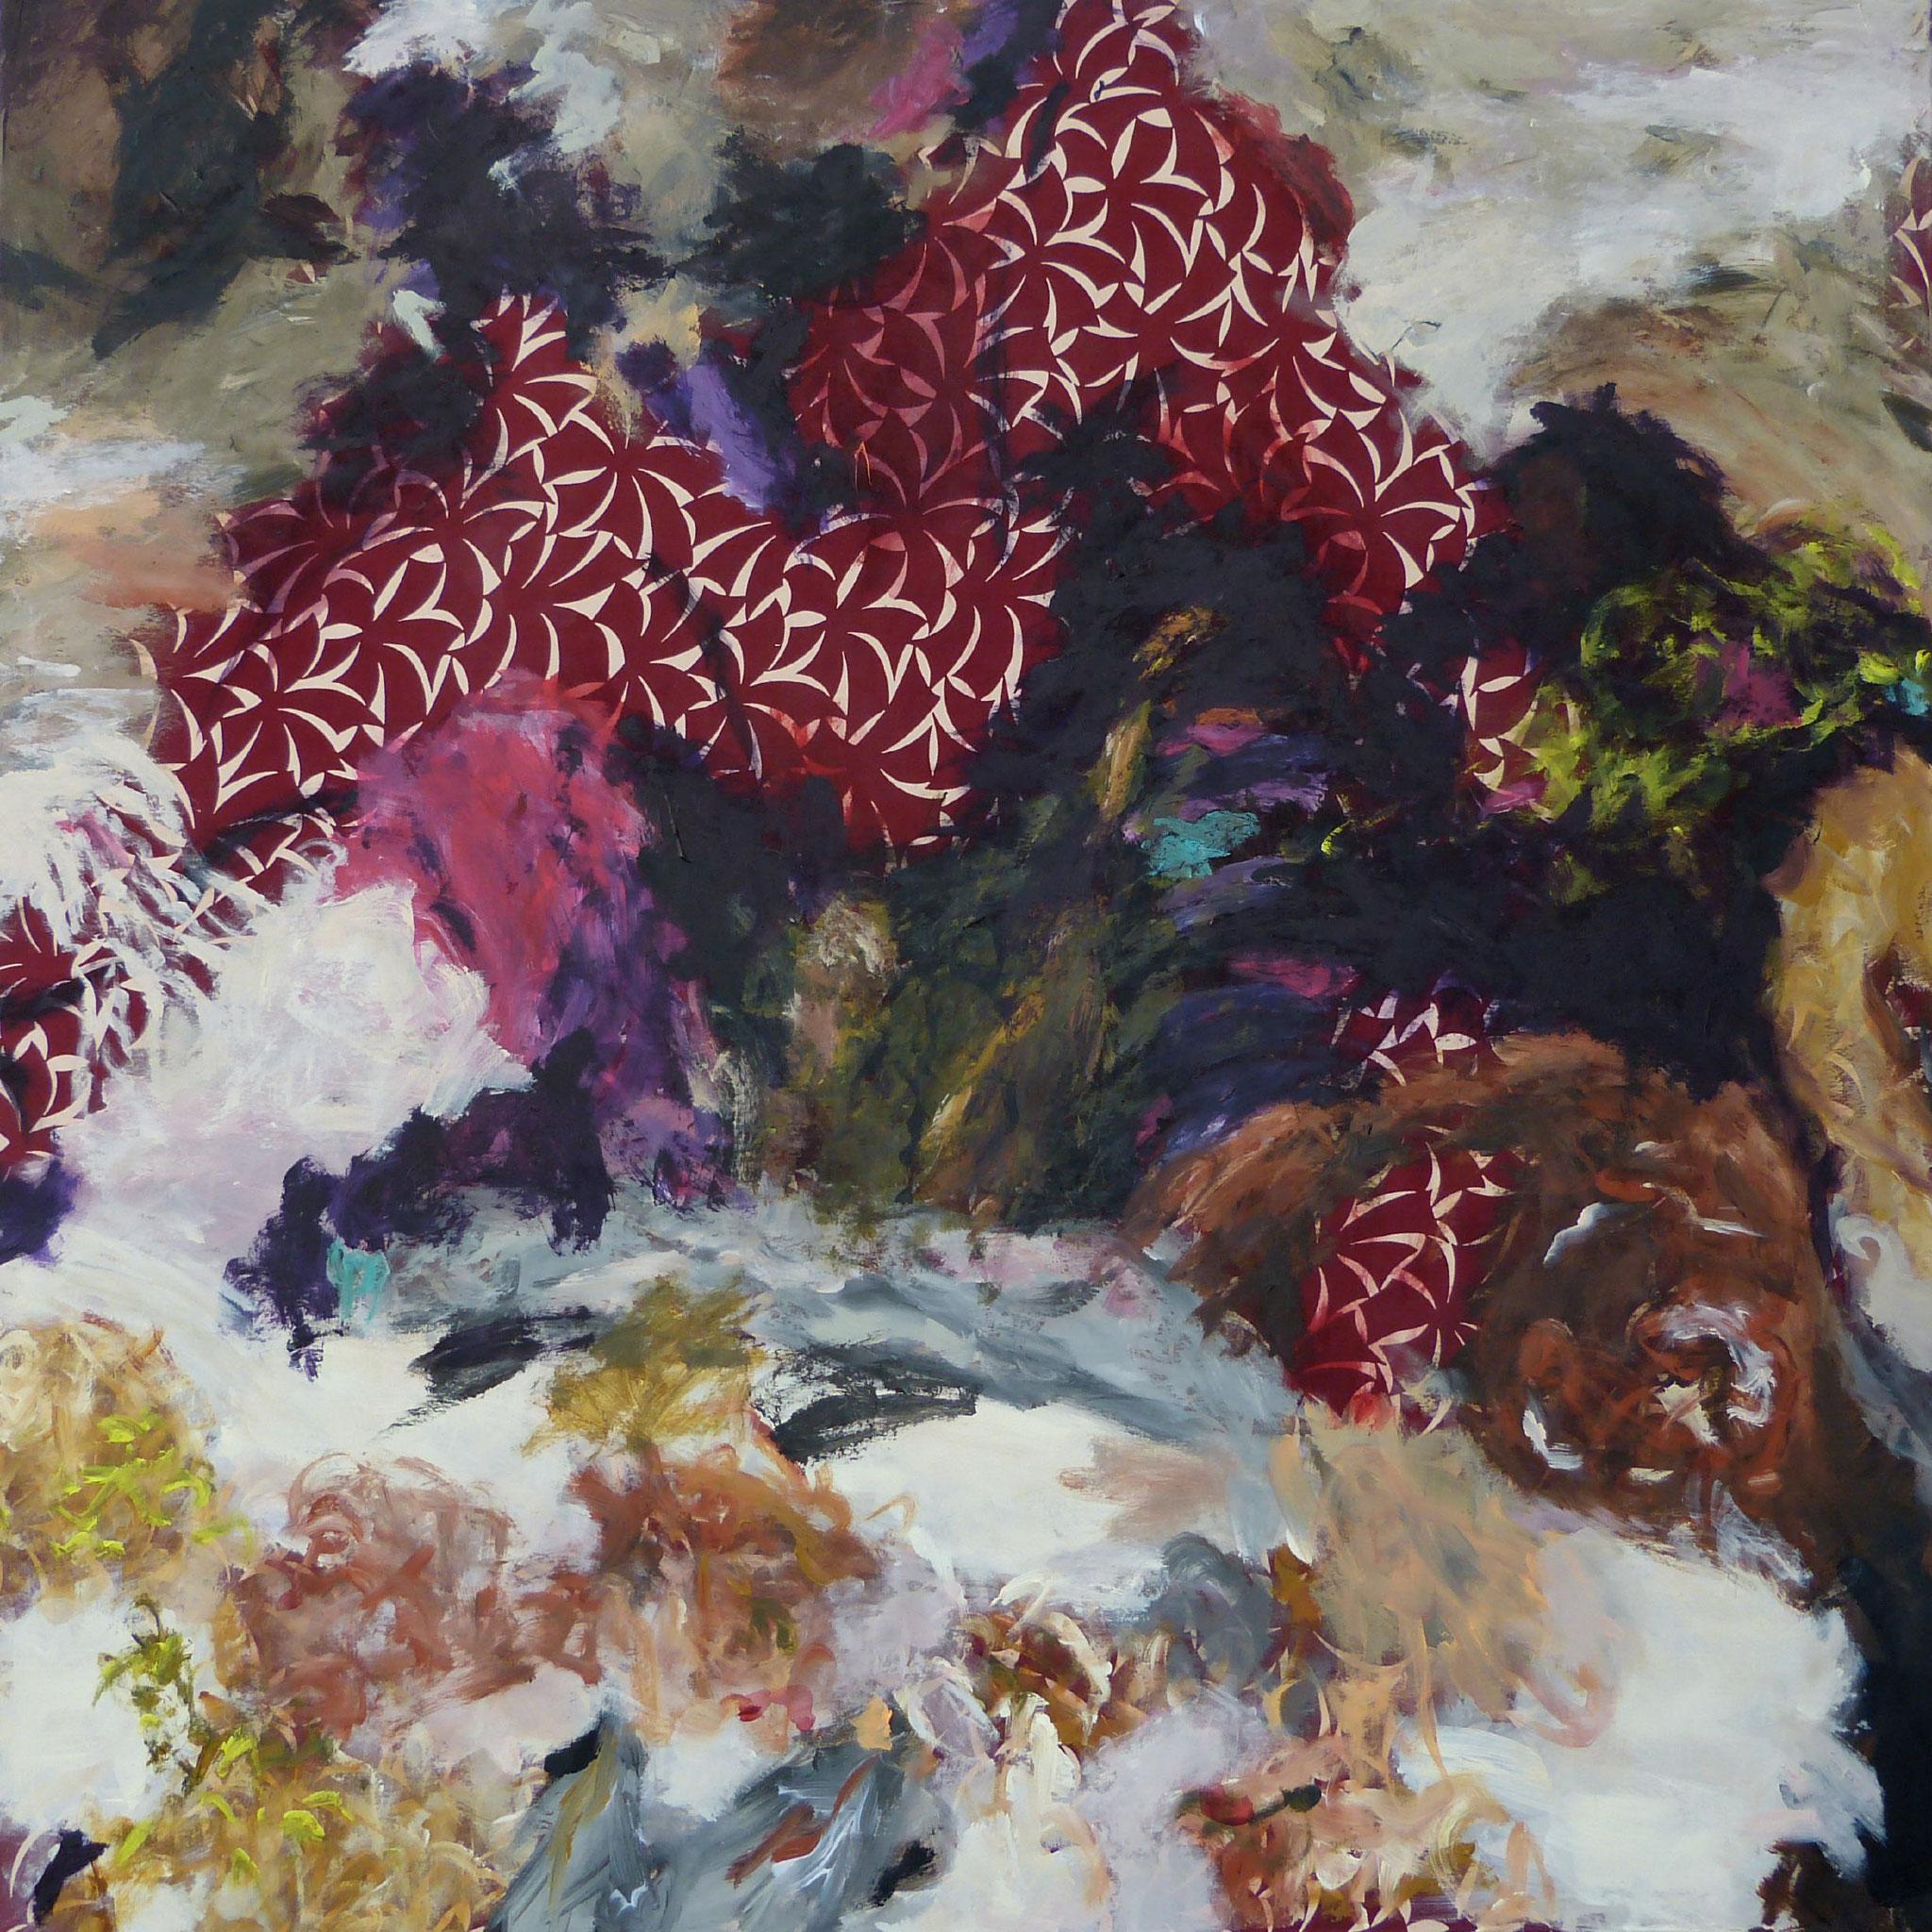 Masala 5, Acryl /Leinwand, 100 x 100 cm, 2016